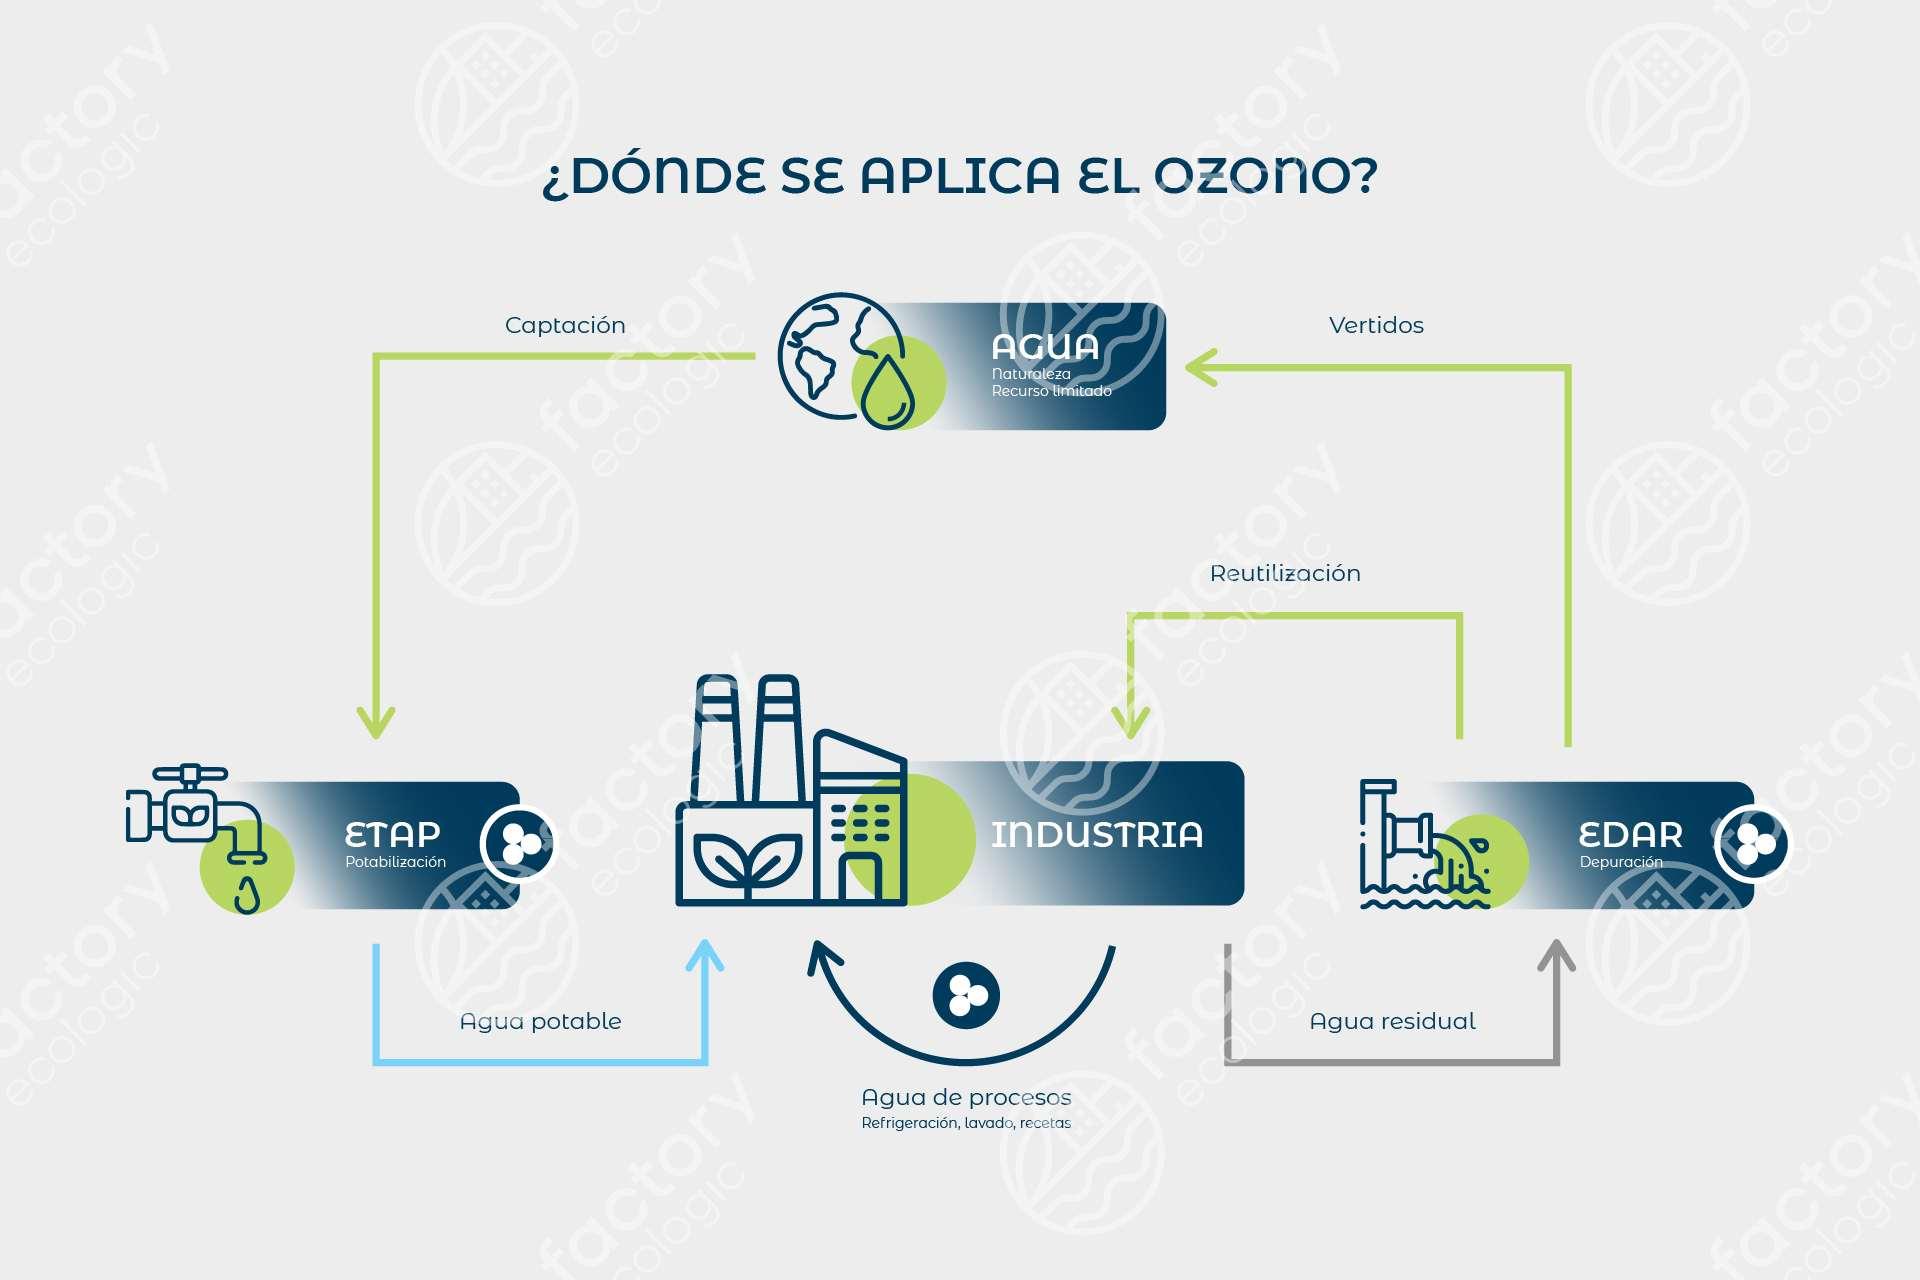 Esquepa Aplicar OZONO ETAP-EDAR_Mesa de trabajo 1